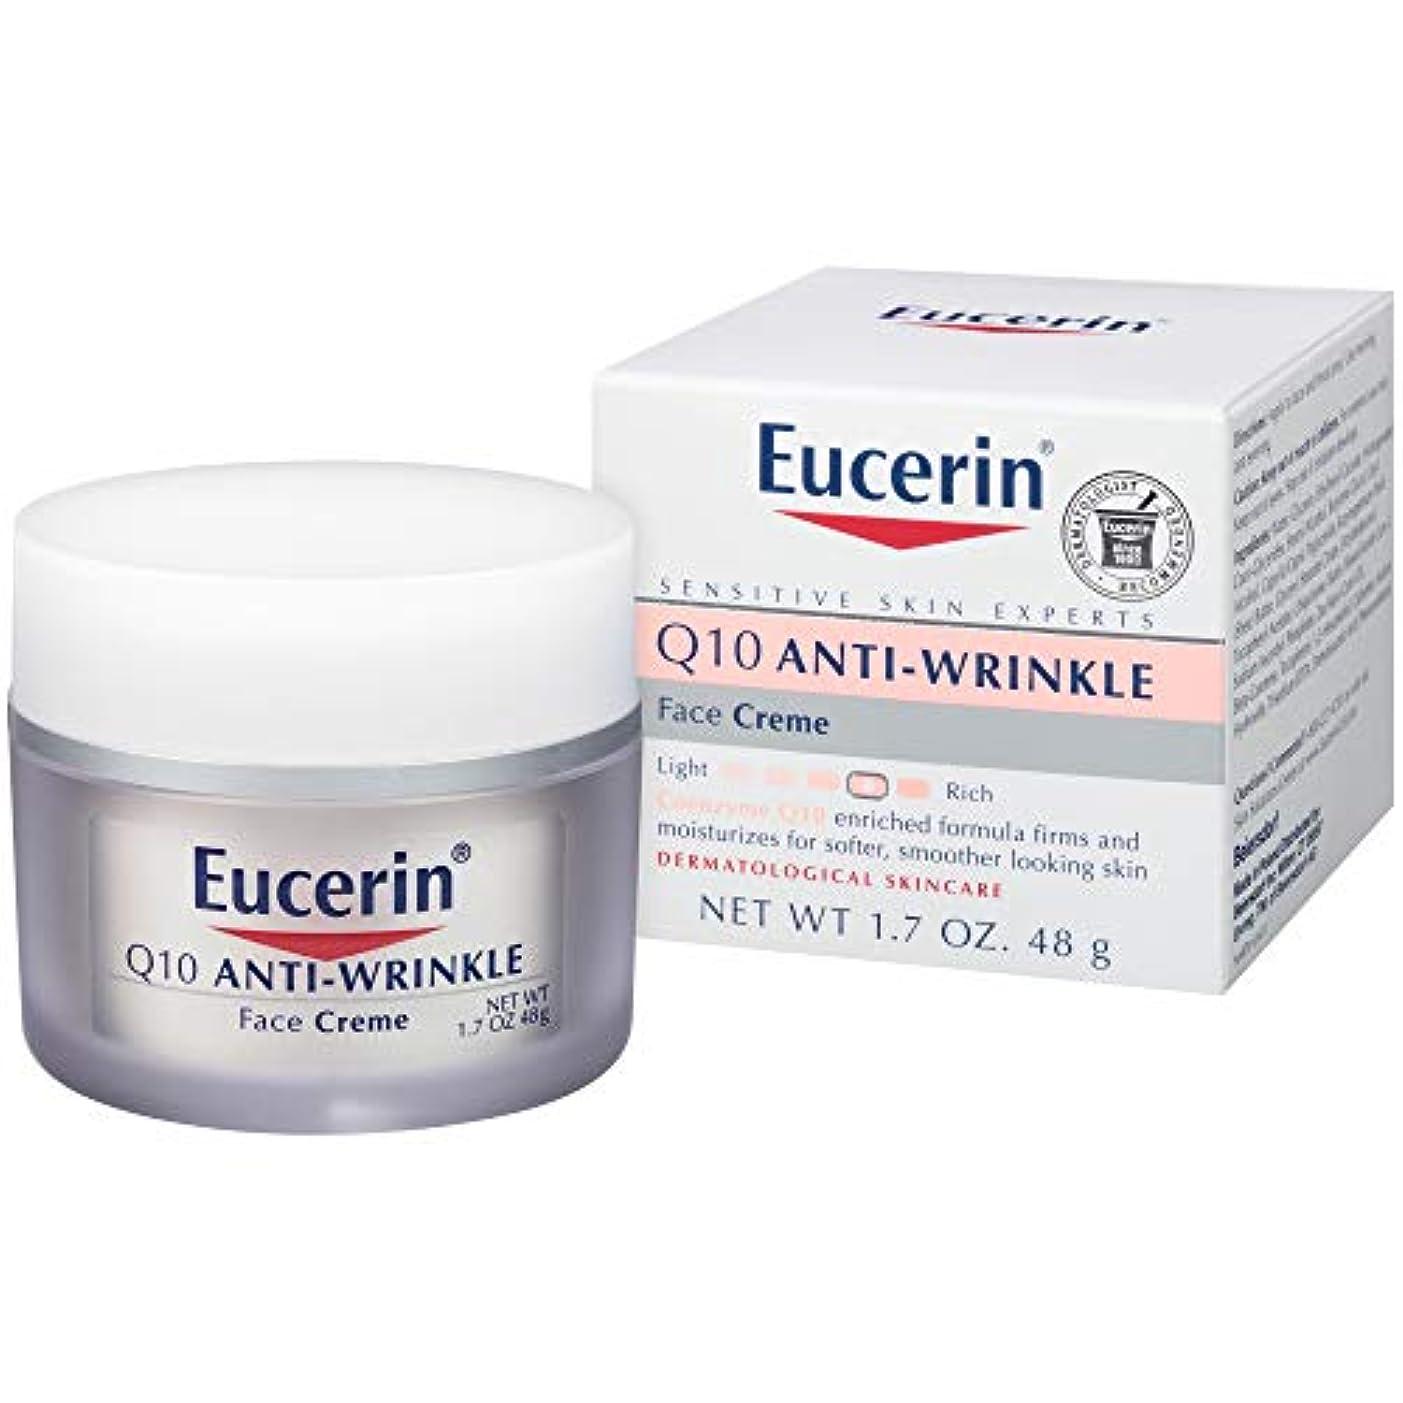 体アシスタント驚きEucerin Sensitive Facial Skin Q10 Anti-Wrinkle Sensitive Skin Creme 48g (並行輸入品)